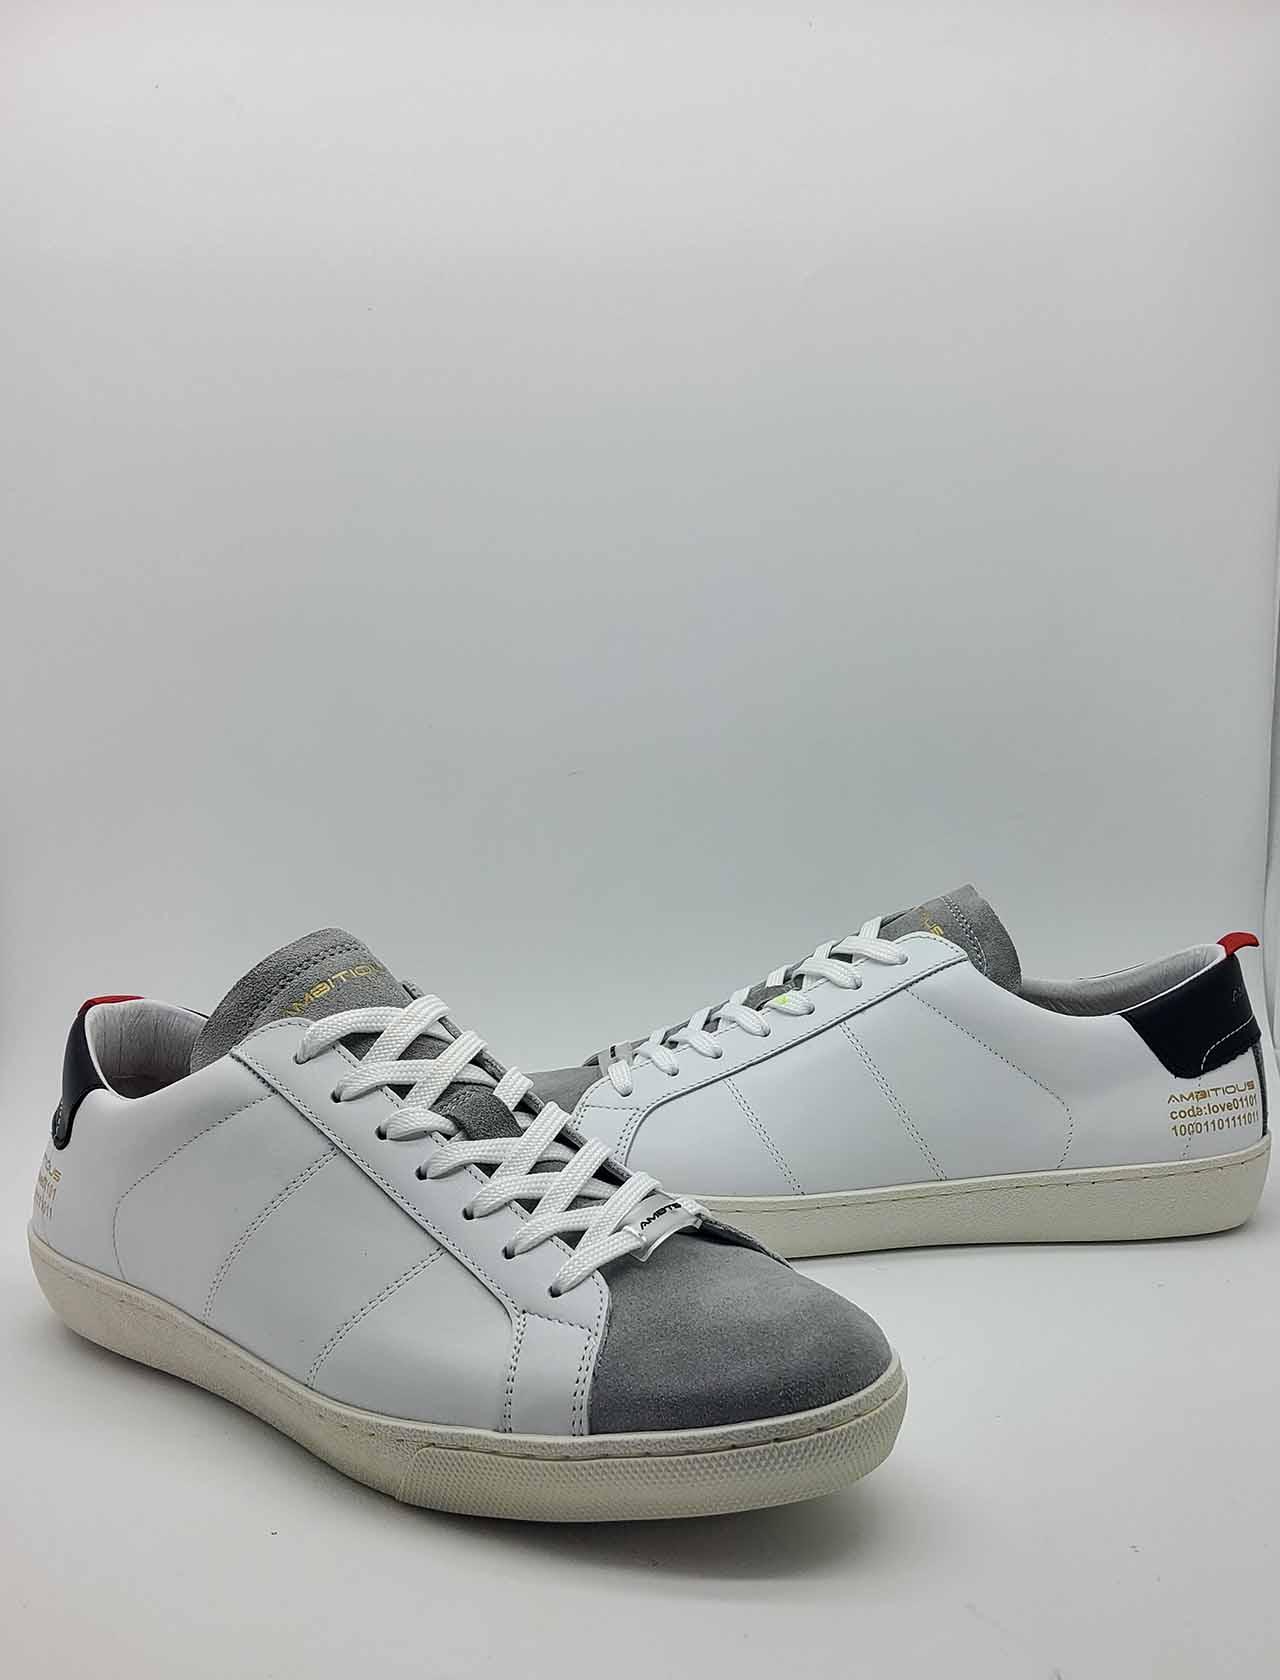 Calzature Sneakers Uomo Stringata in Pelle Bianca e Camoscio Off White con Fondo in Gomma Ambitious   Sneakers   8102100